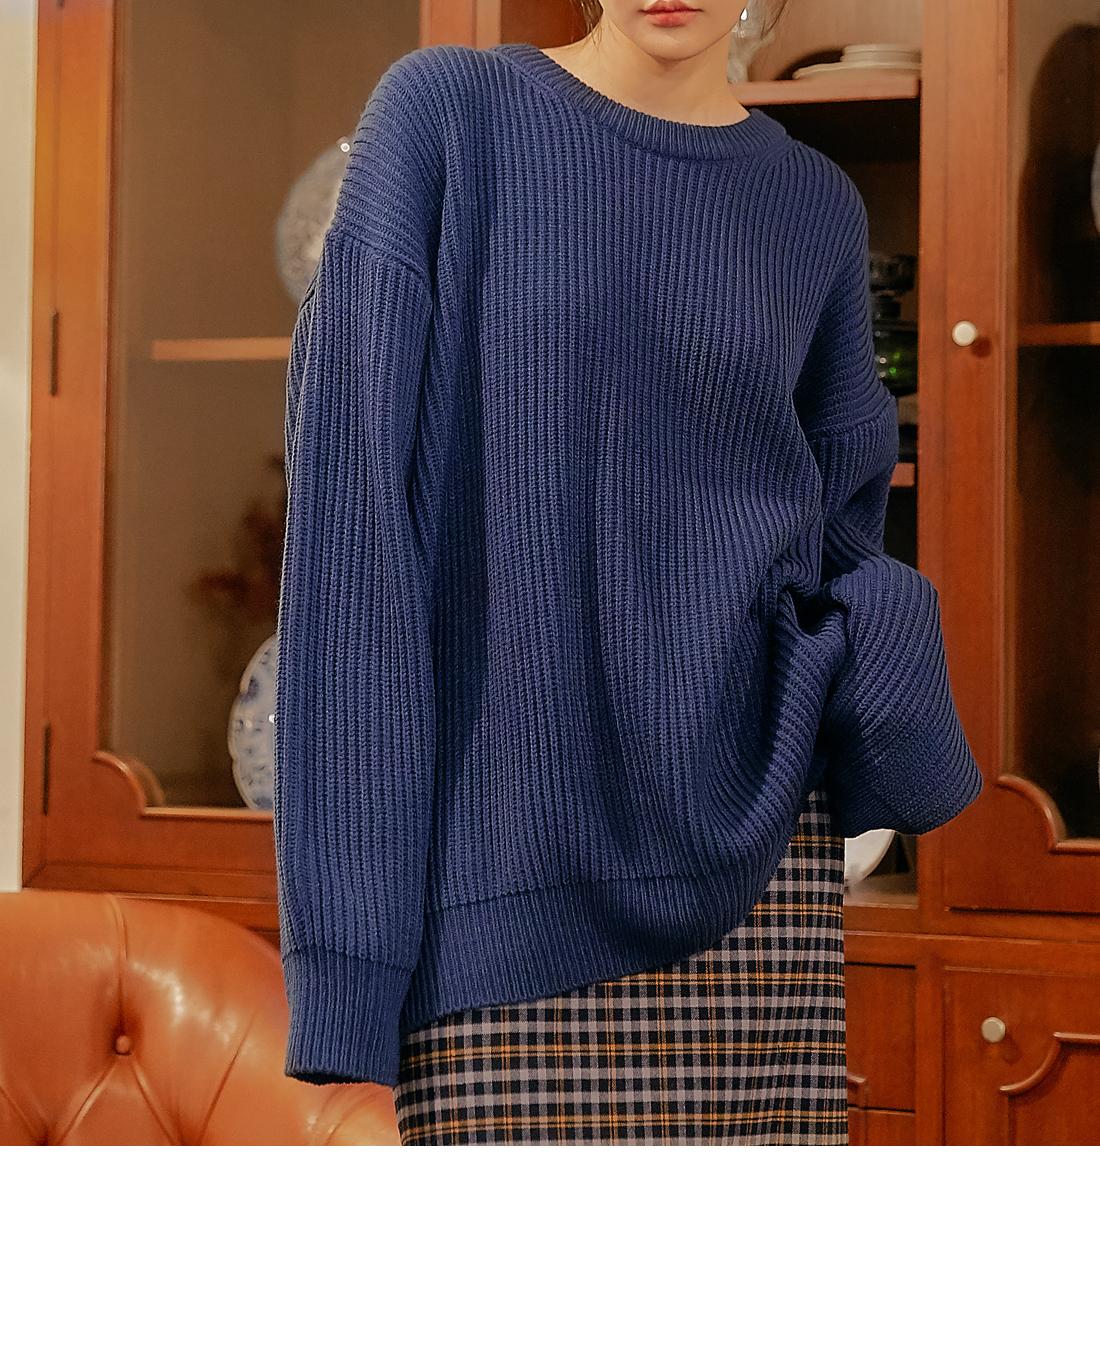 Ribbed Loose Knit Top